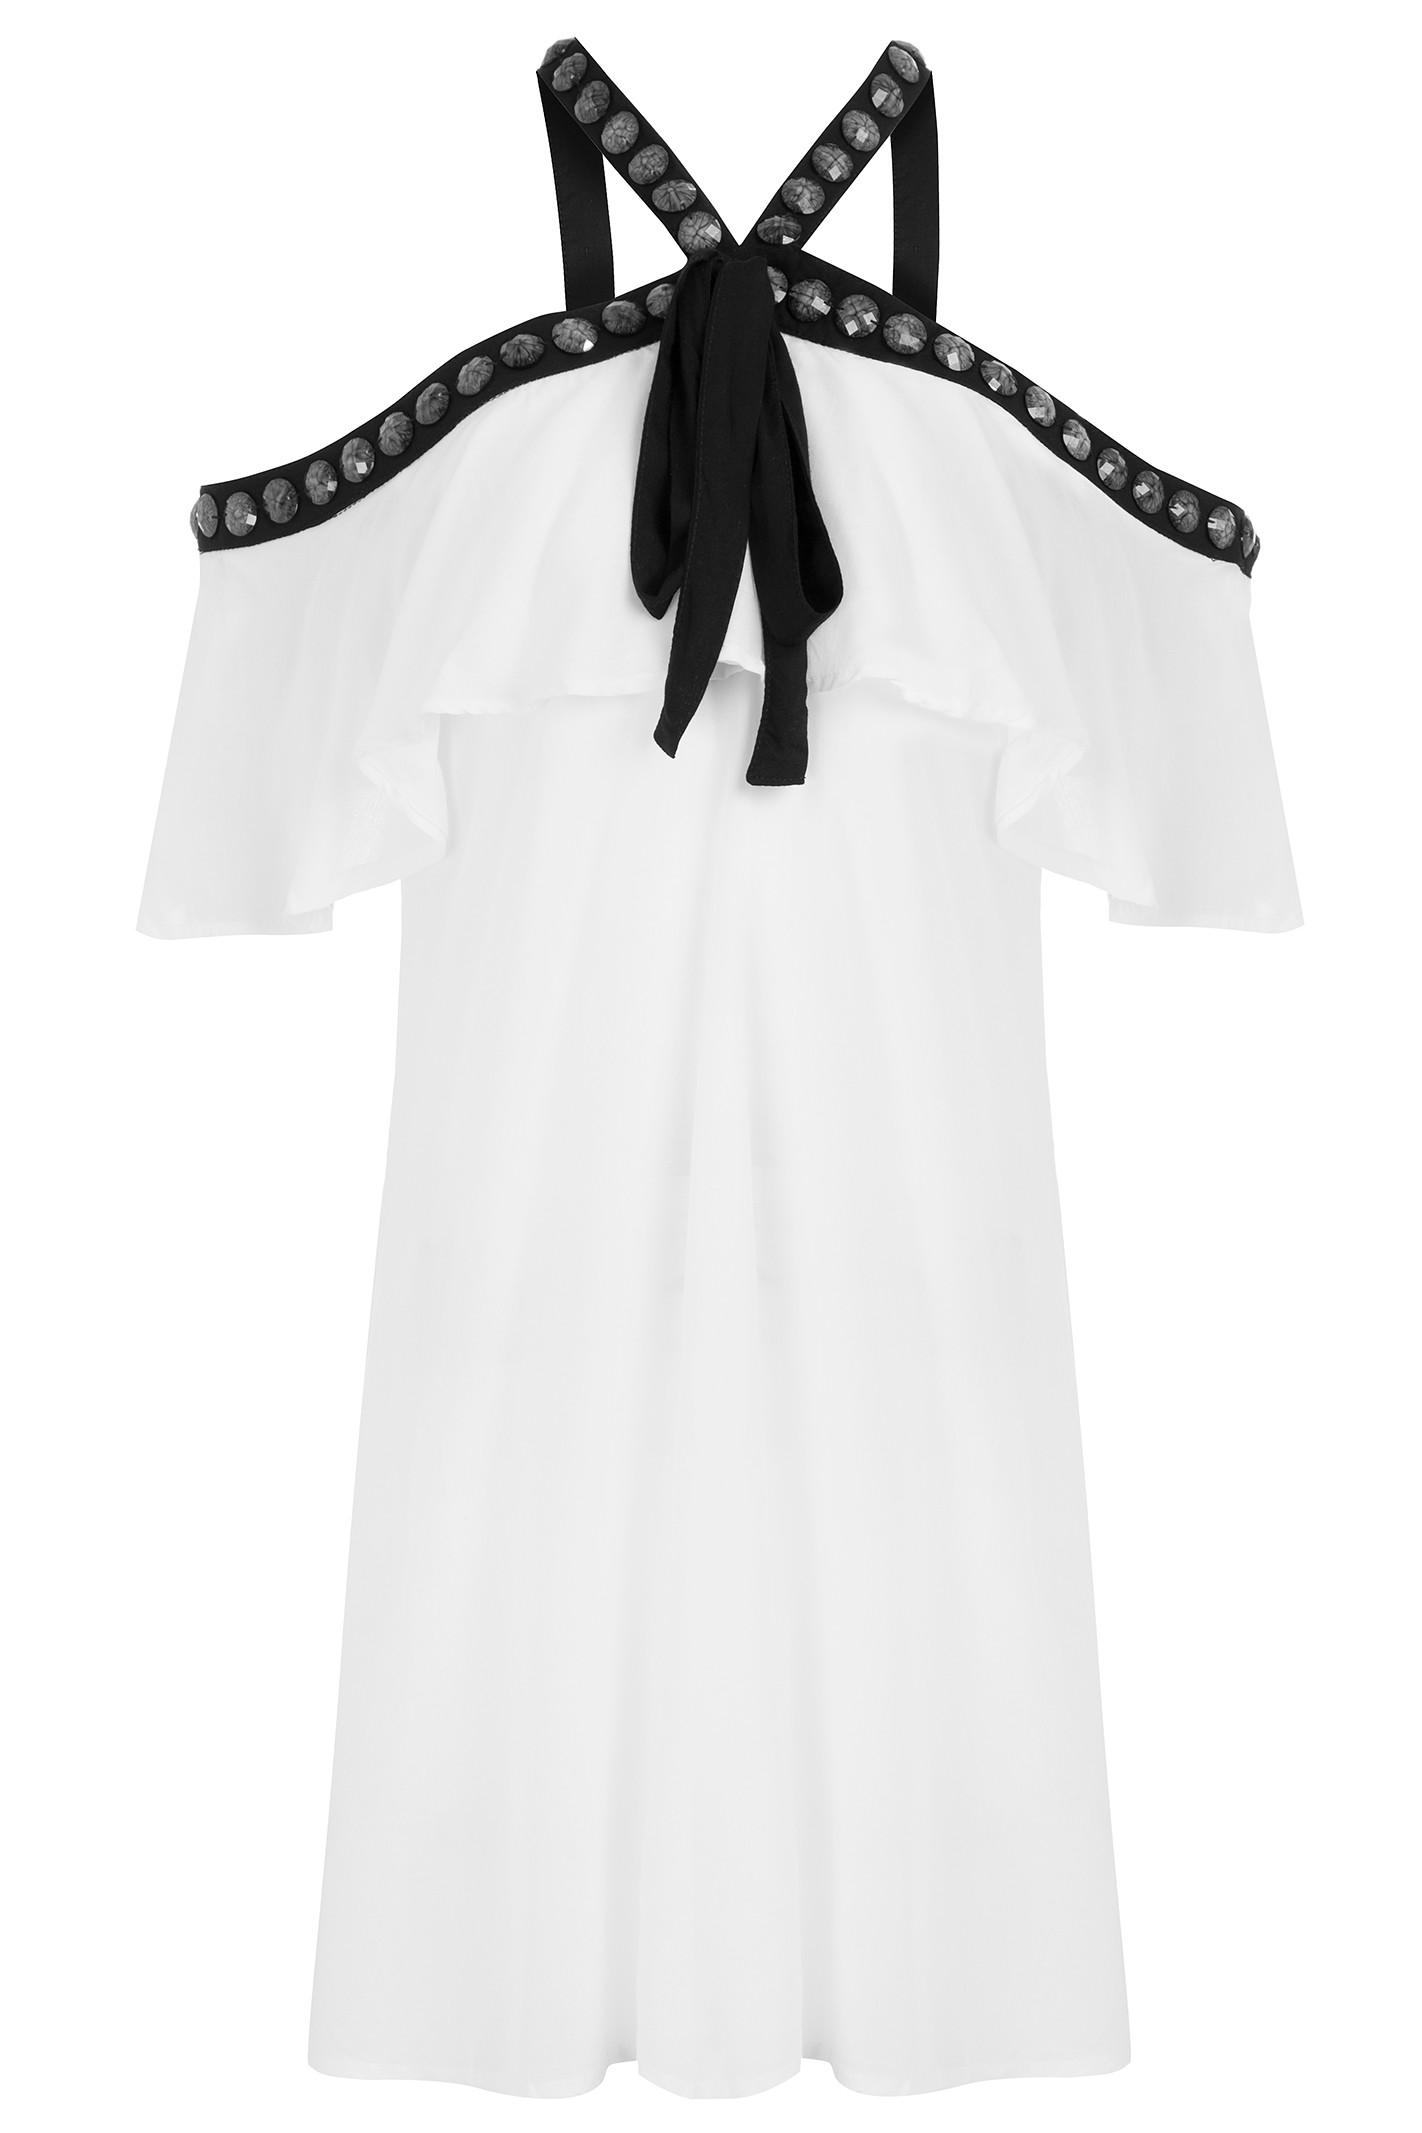 Vestido Venice - Branco